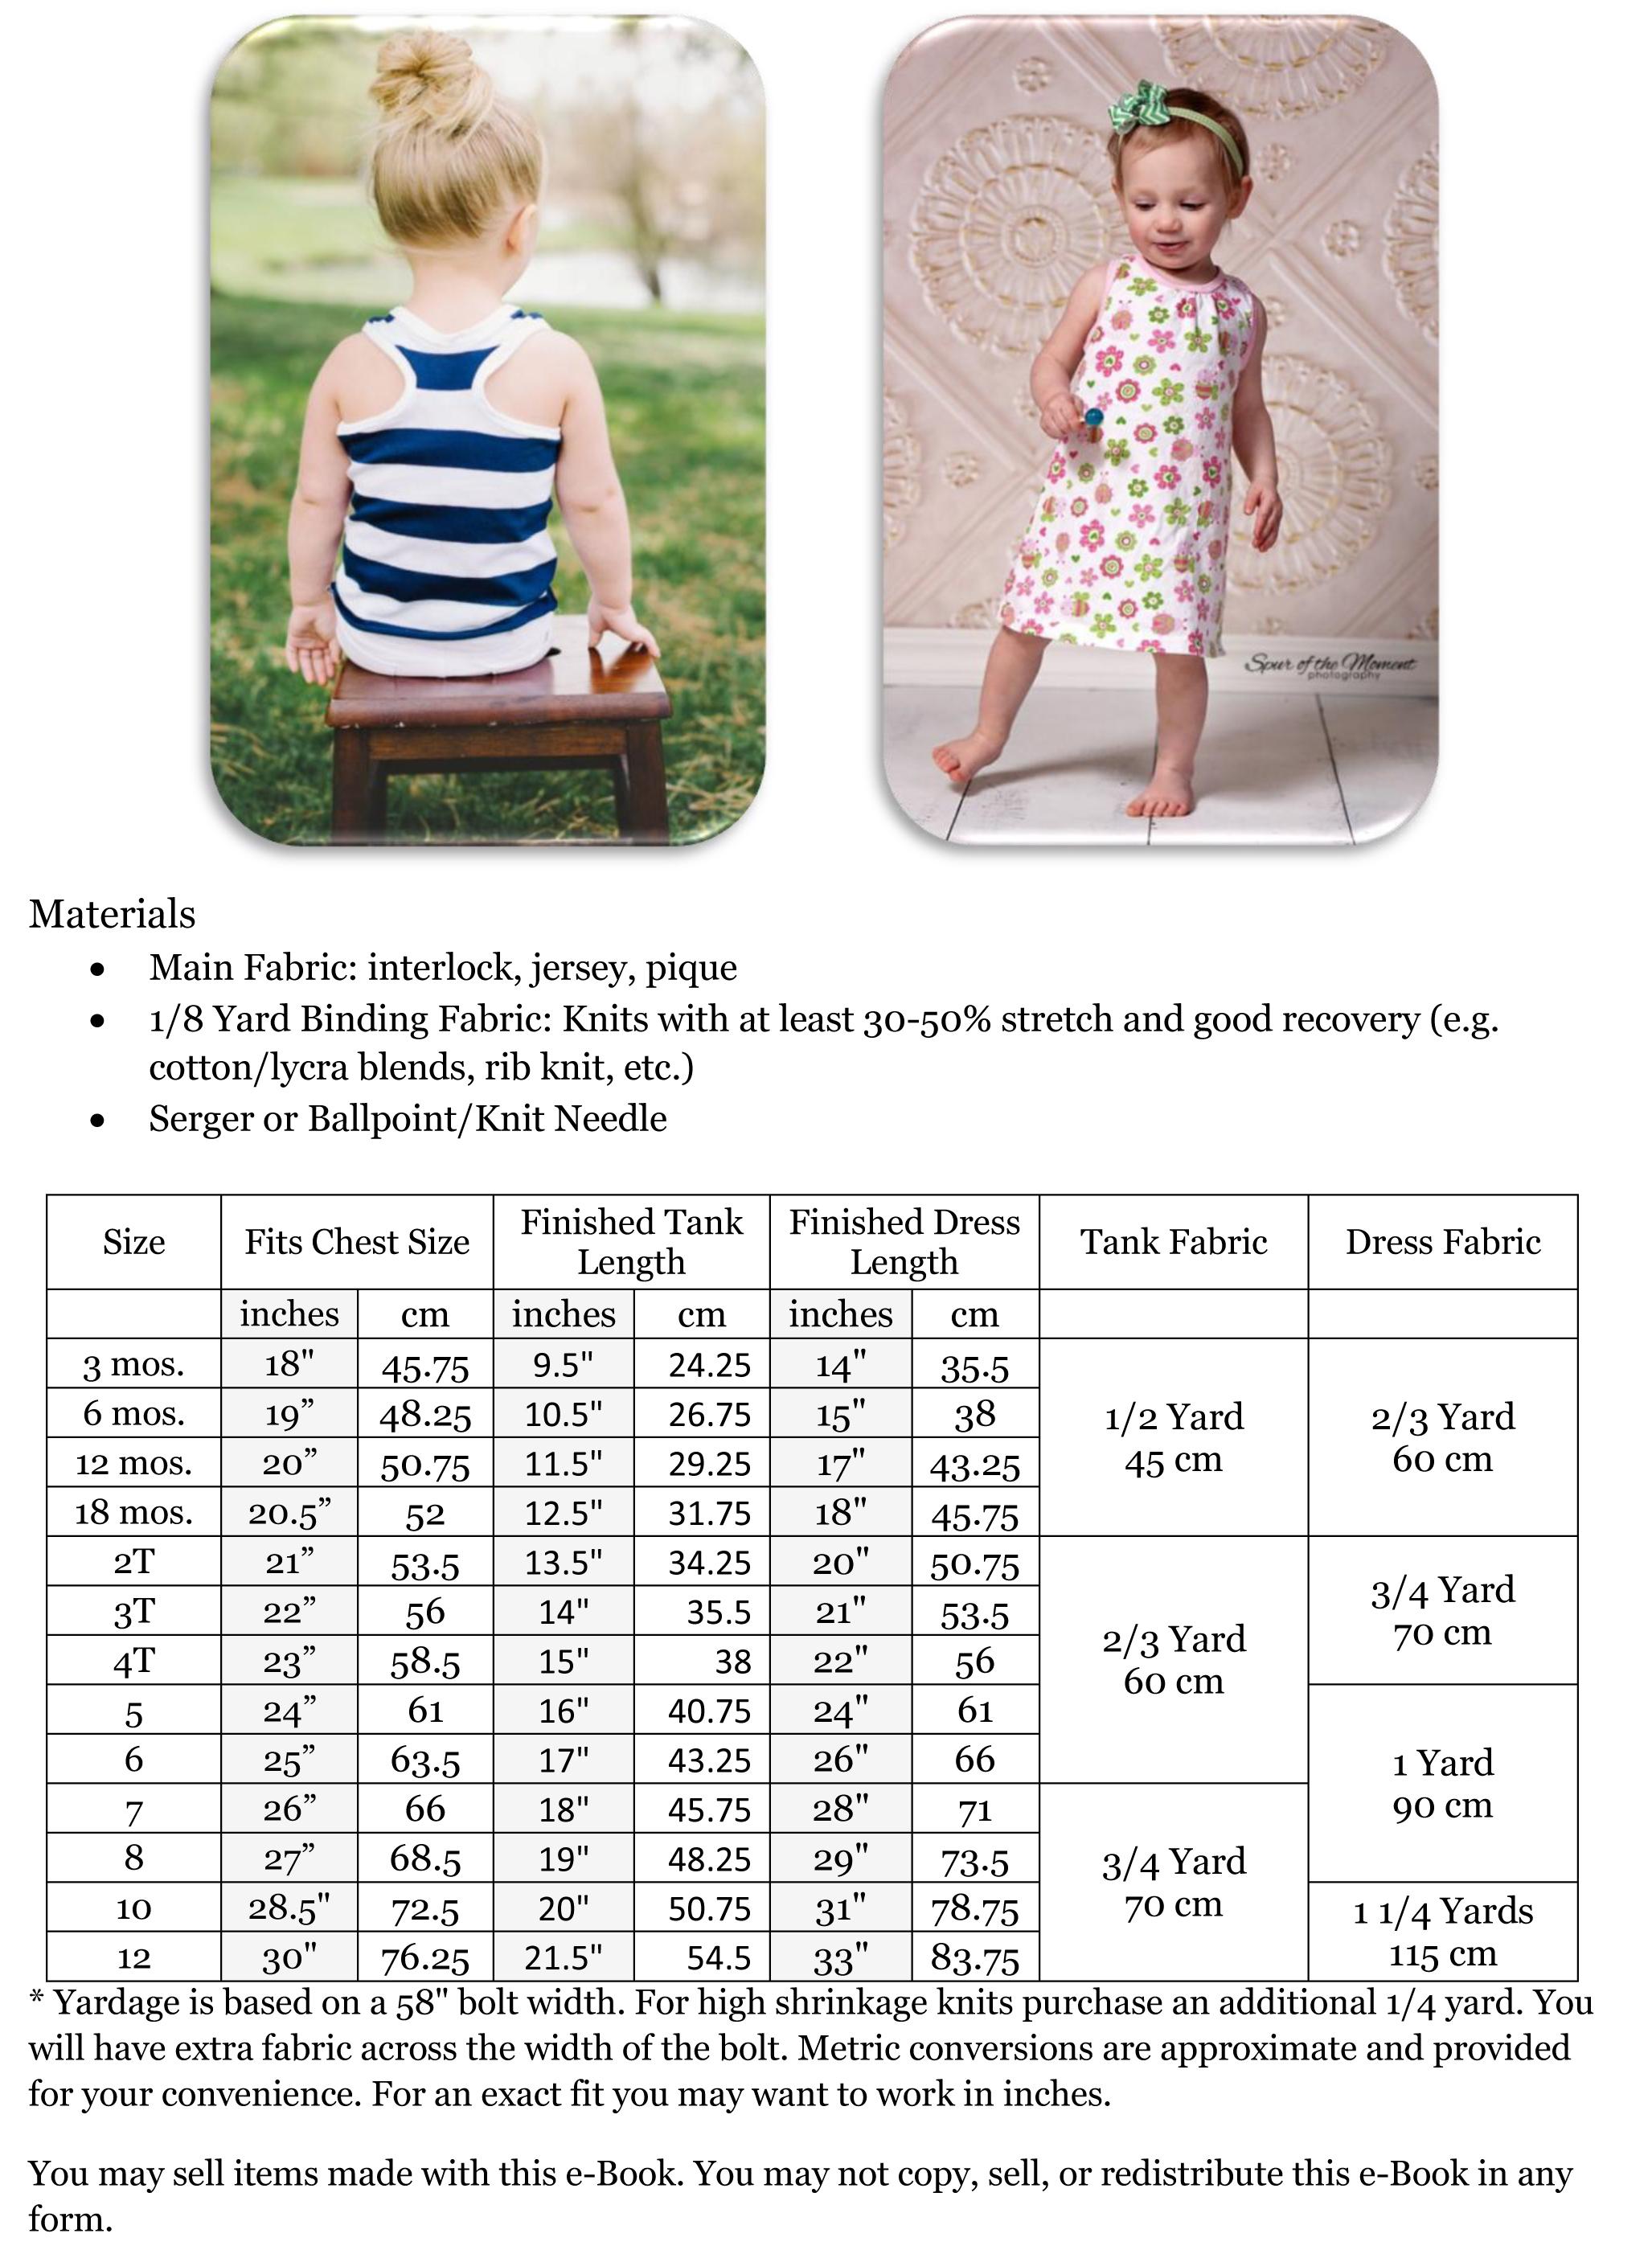 Peek A Boo Pattern Shop Rio Racerback Tank Dress Downloadable